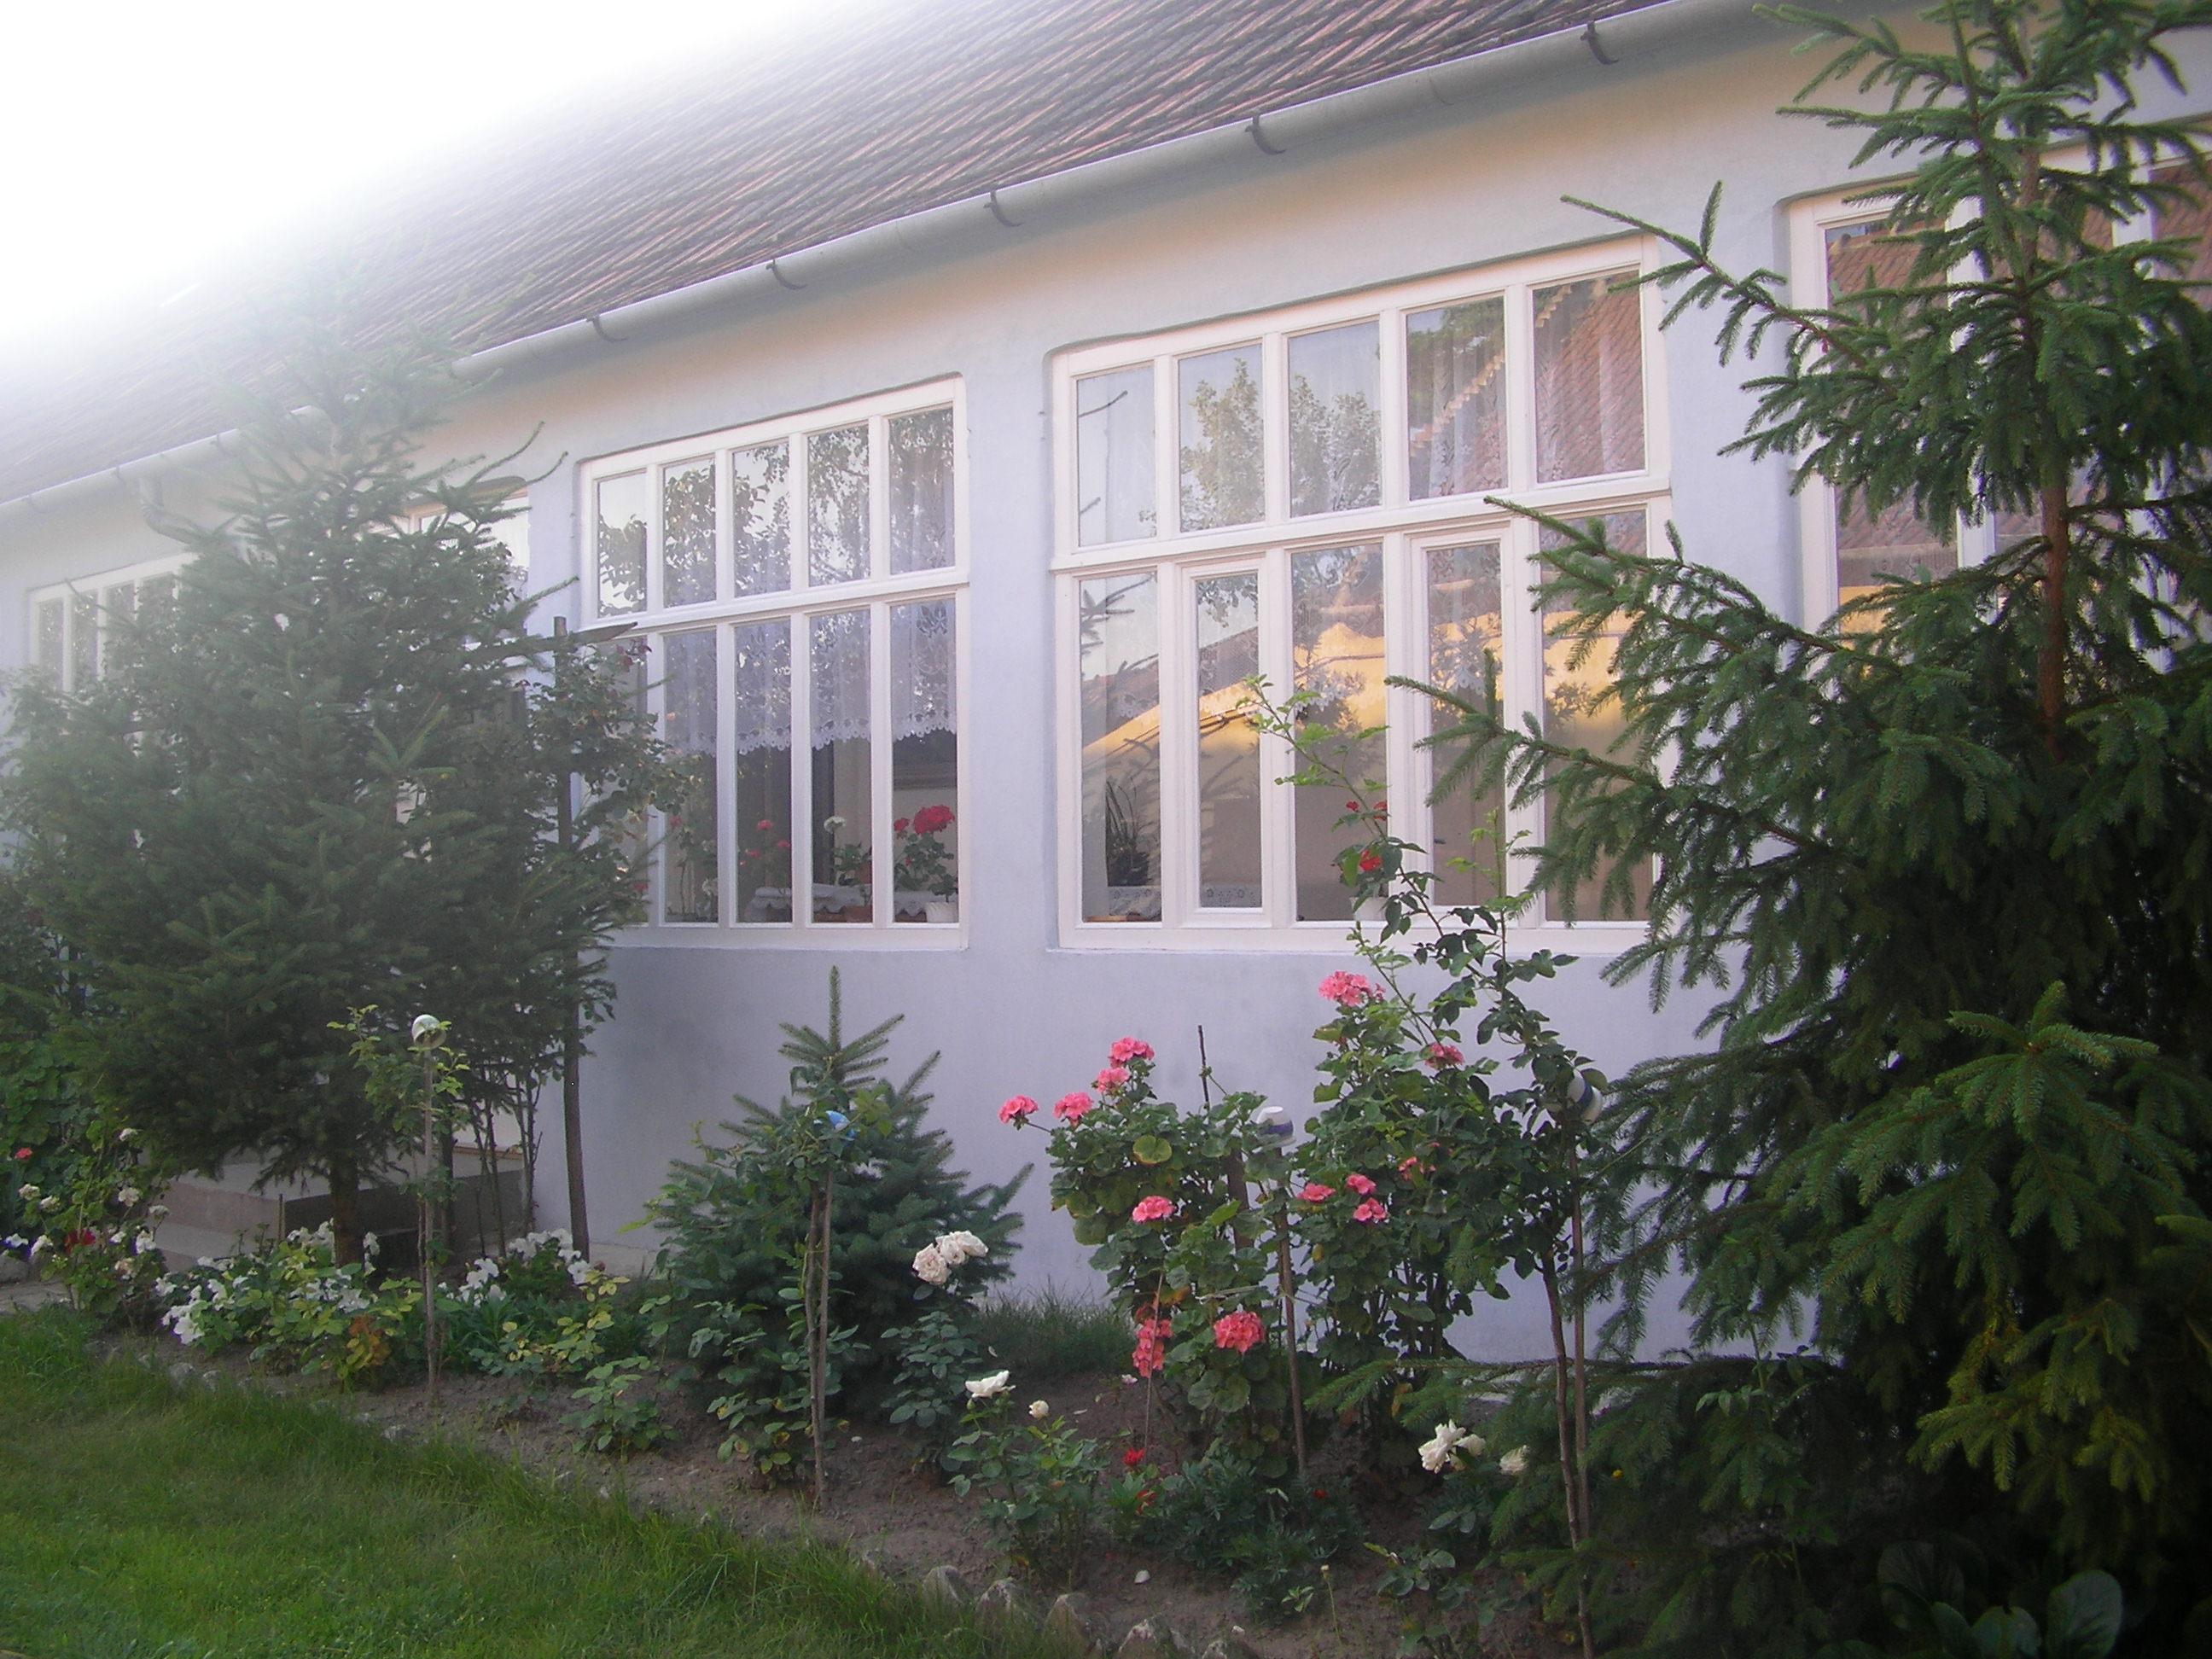 Zöldfa vendégház